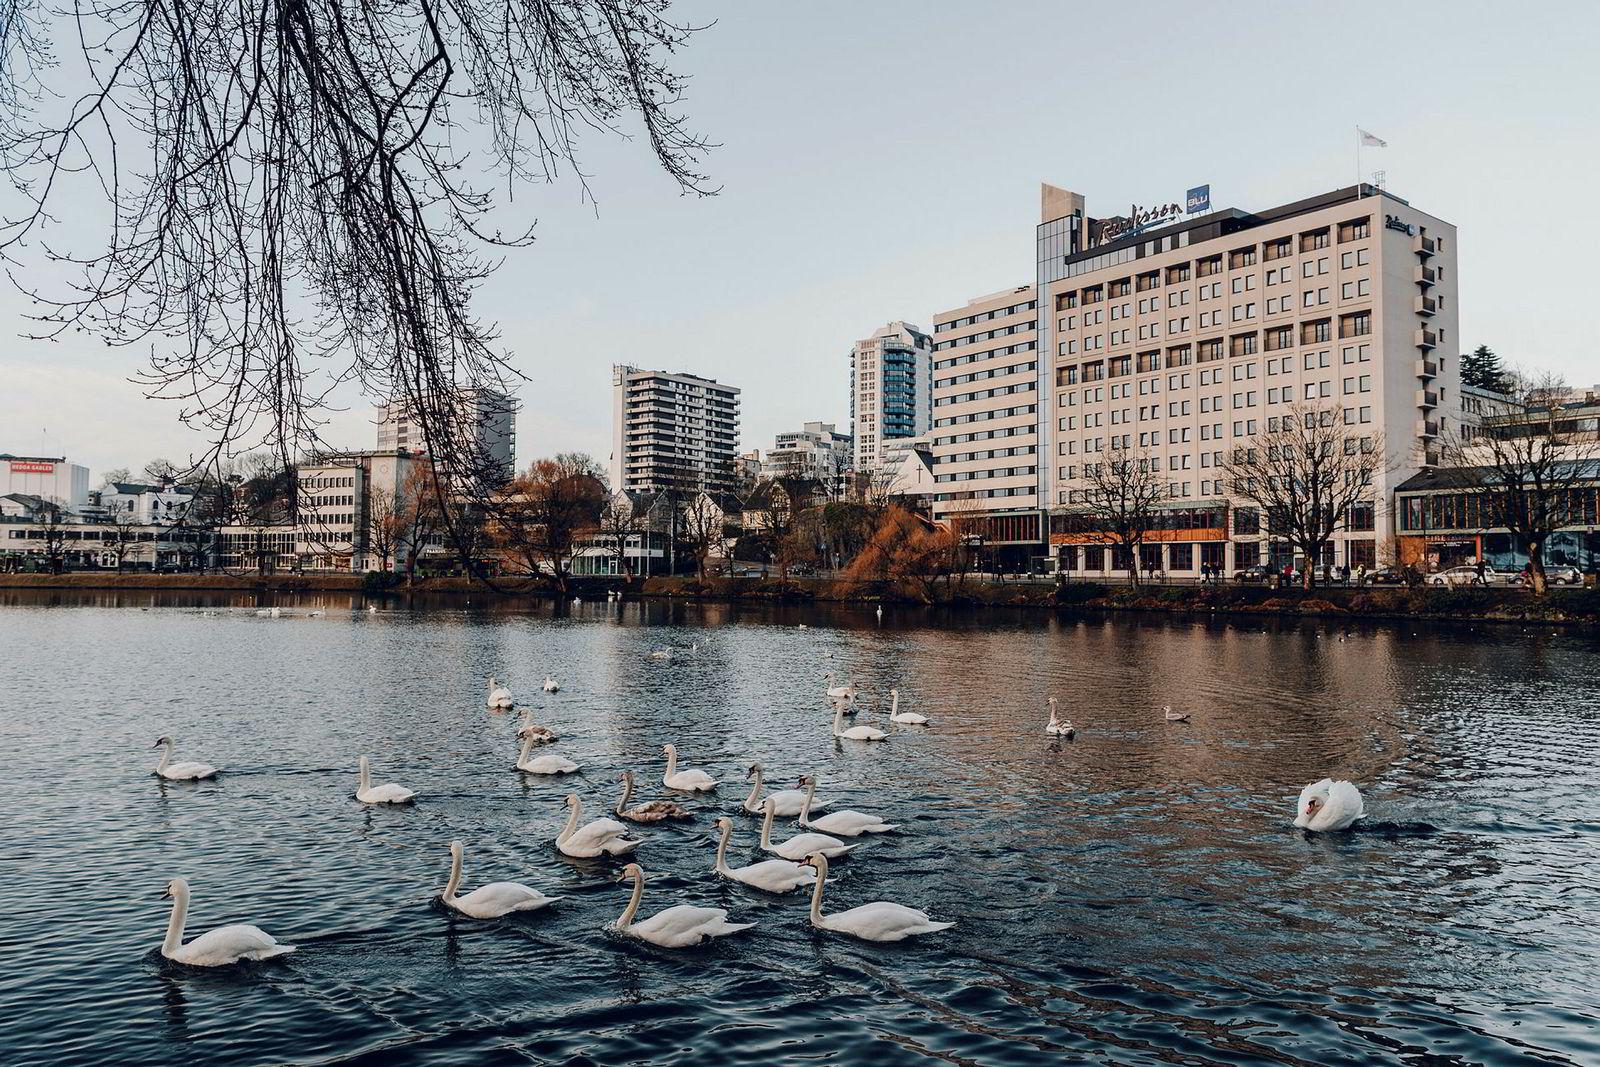 KLP og hotellkjeden Radisson har til sammen brukt 465 millioner kroner på totalrenoveringen av Radisson Blu Atlantic Hotell i Stavanger. Hotellet reåpnet igjen like før nyttår.